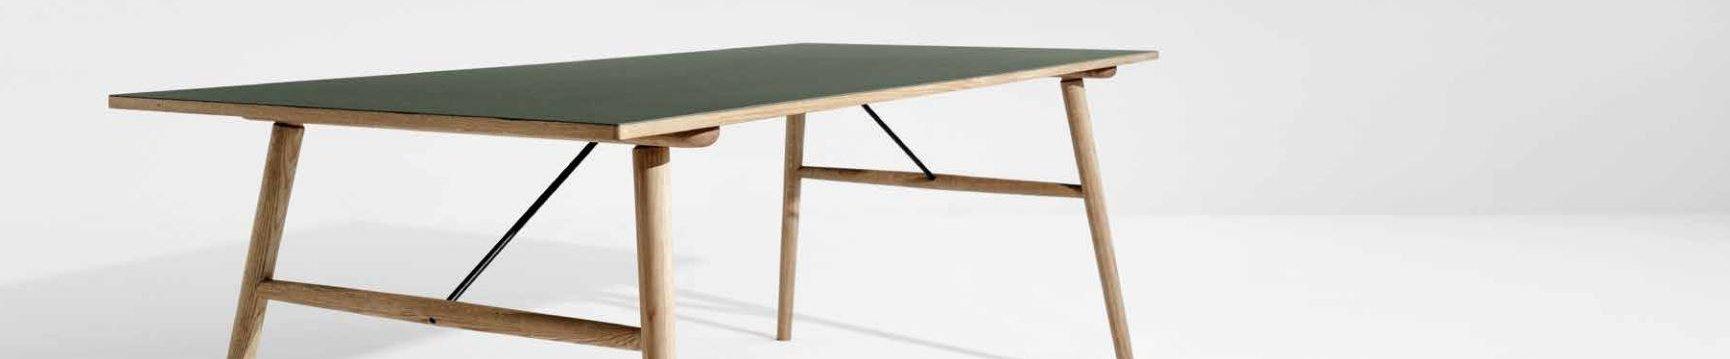 HOUE tafels